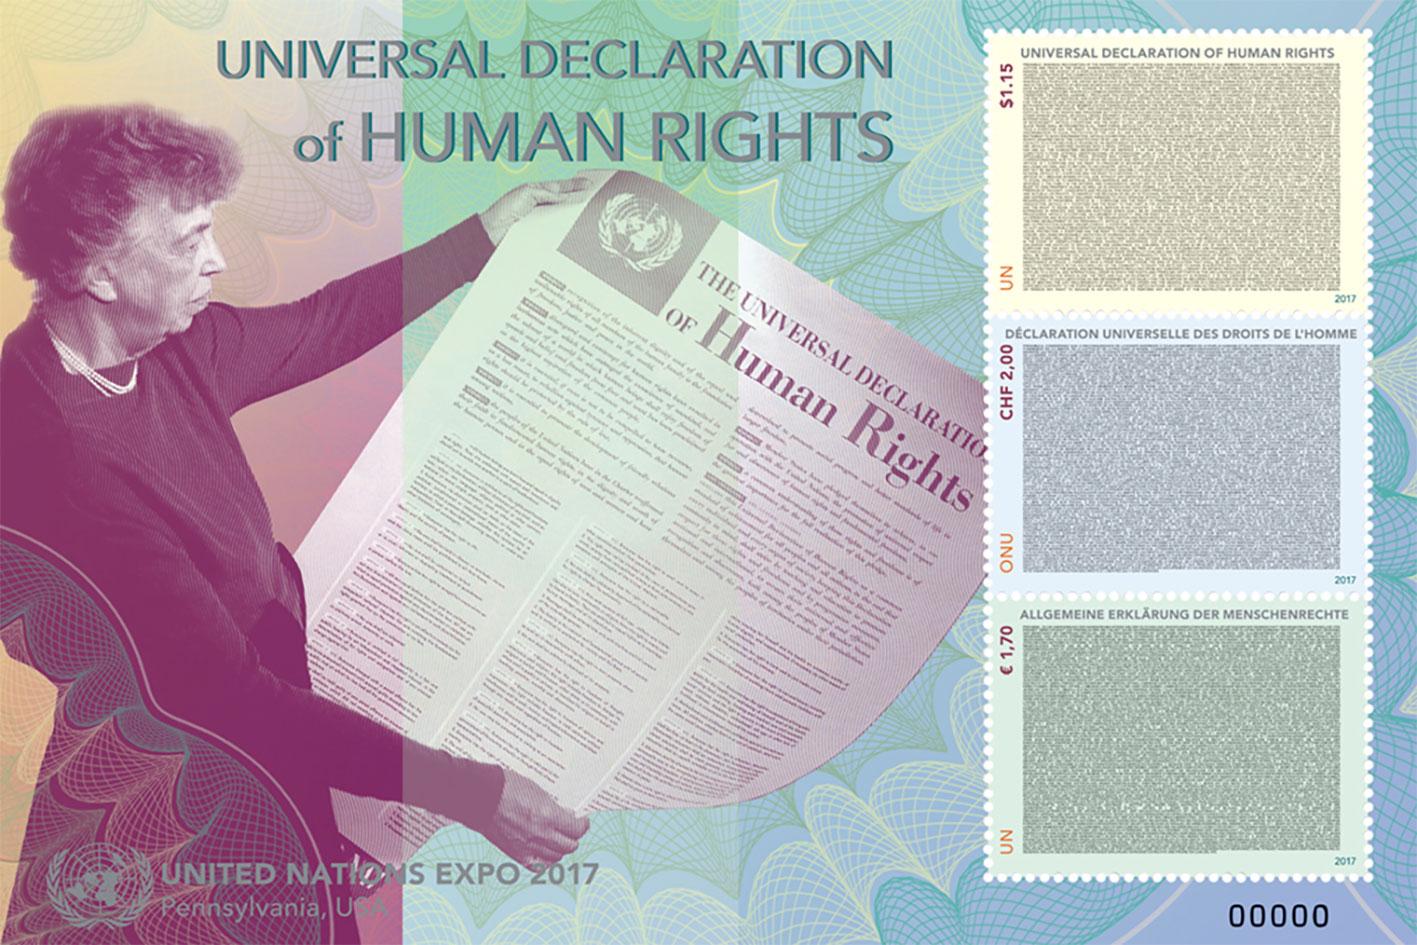 آموزش: اعلامیه ی جهانی حقوق بشر